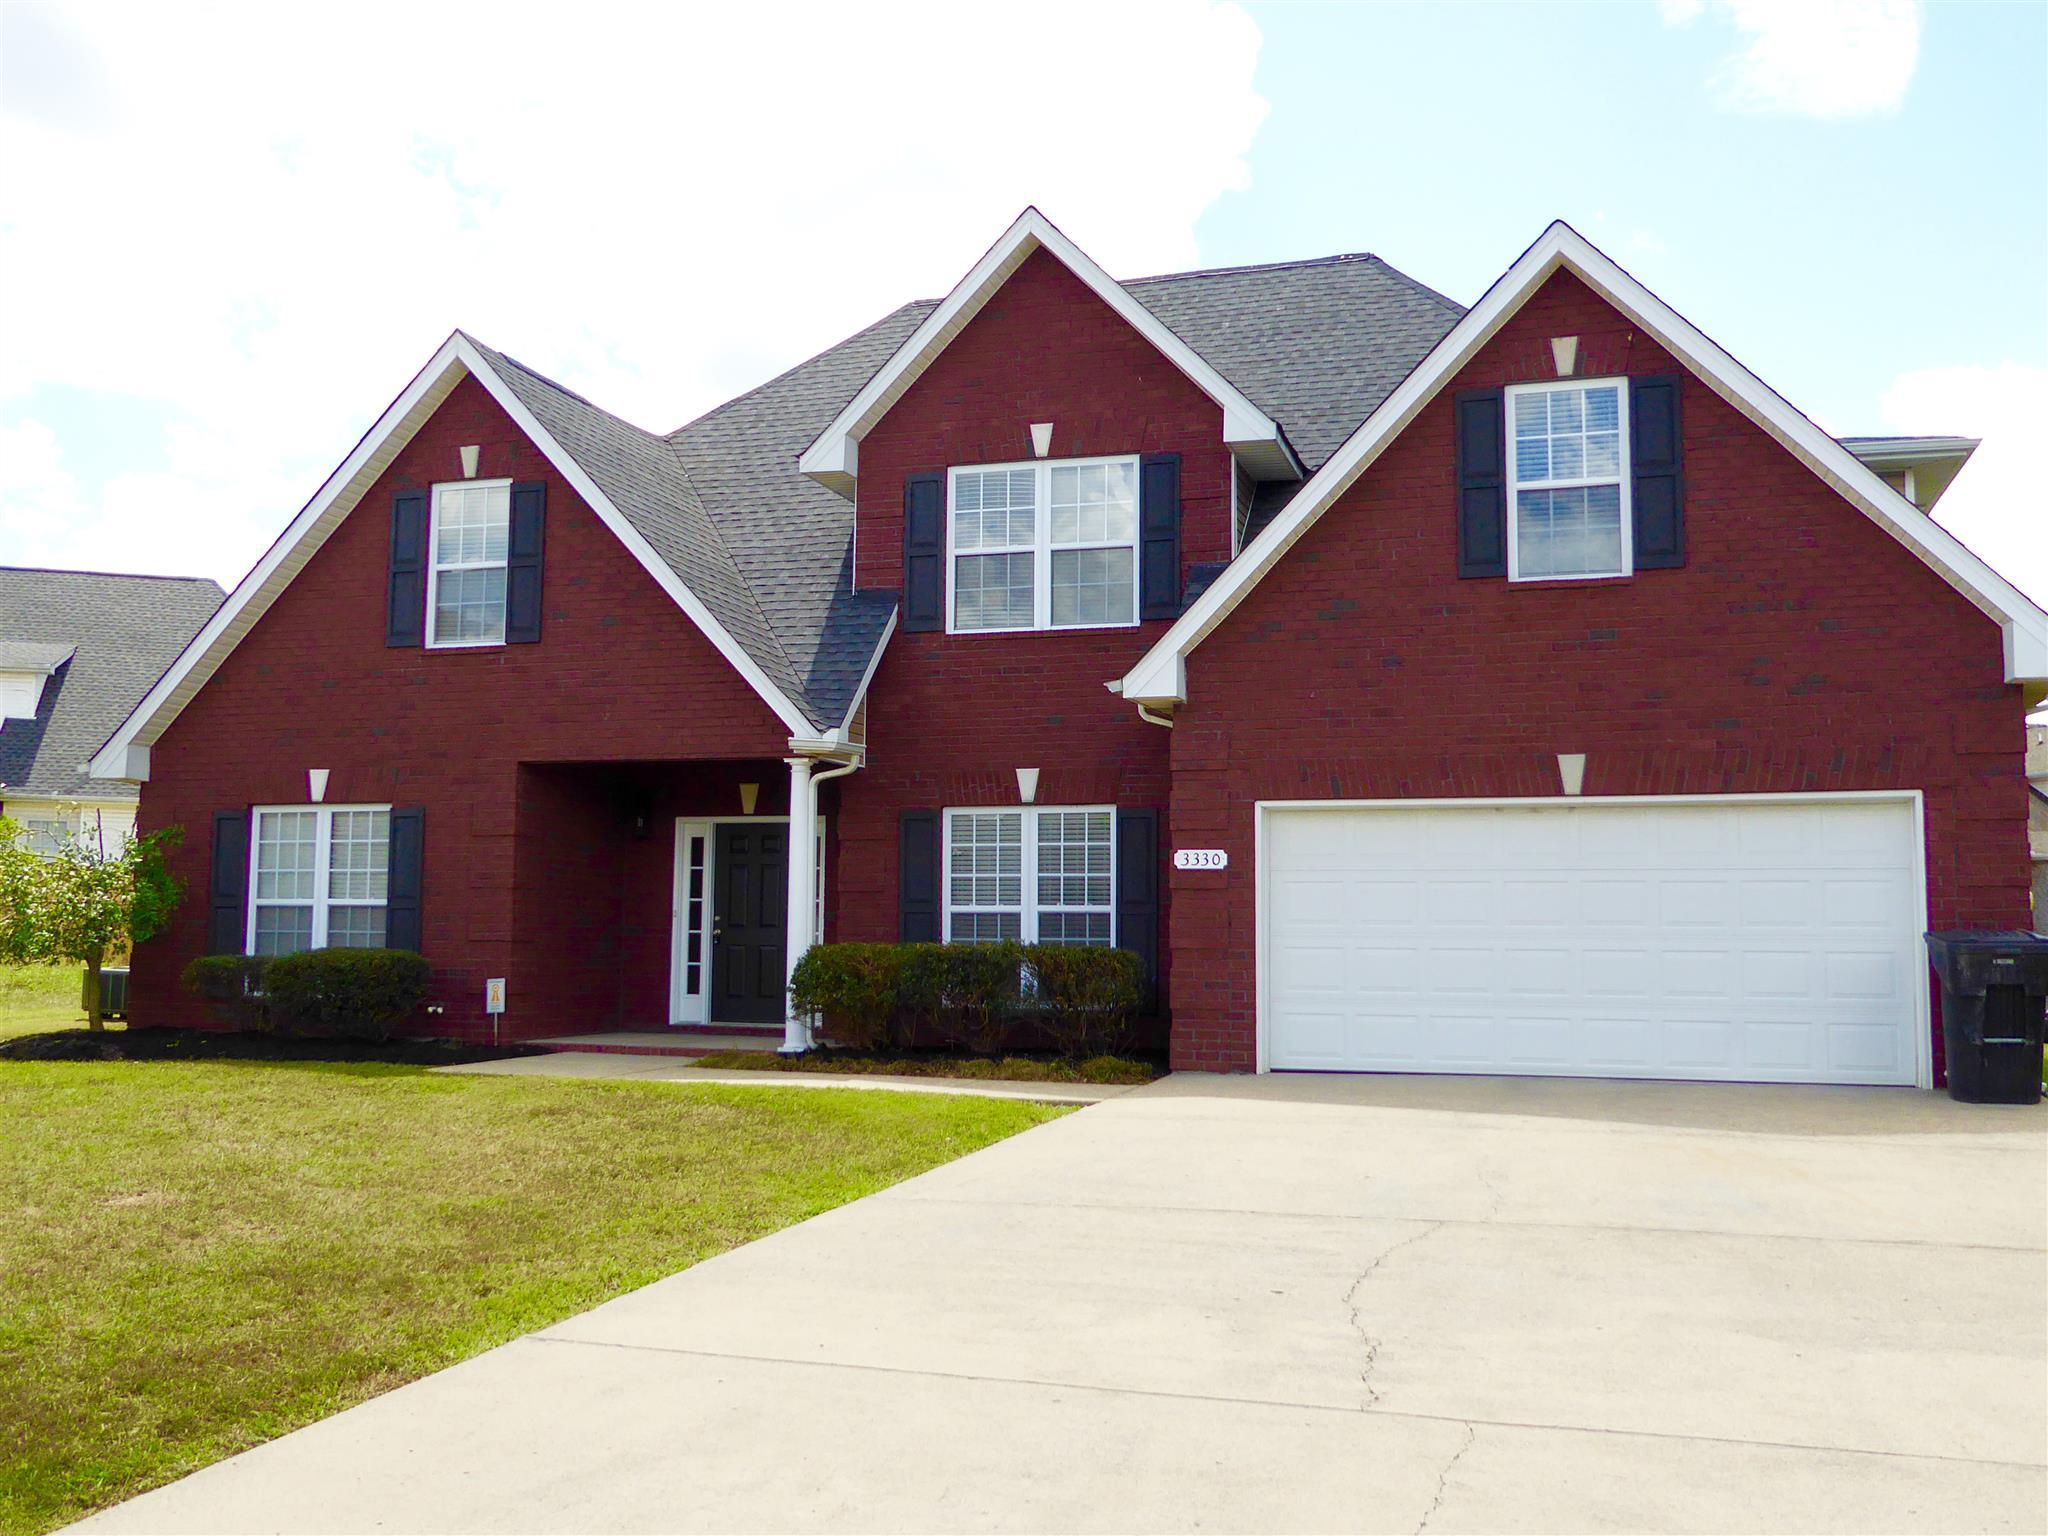 3330 Hopewell Ct, Murfreesboro, TN 37127